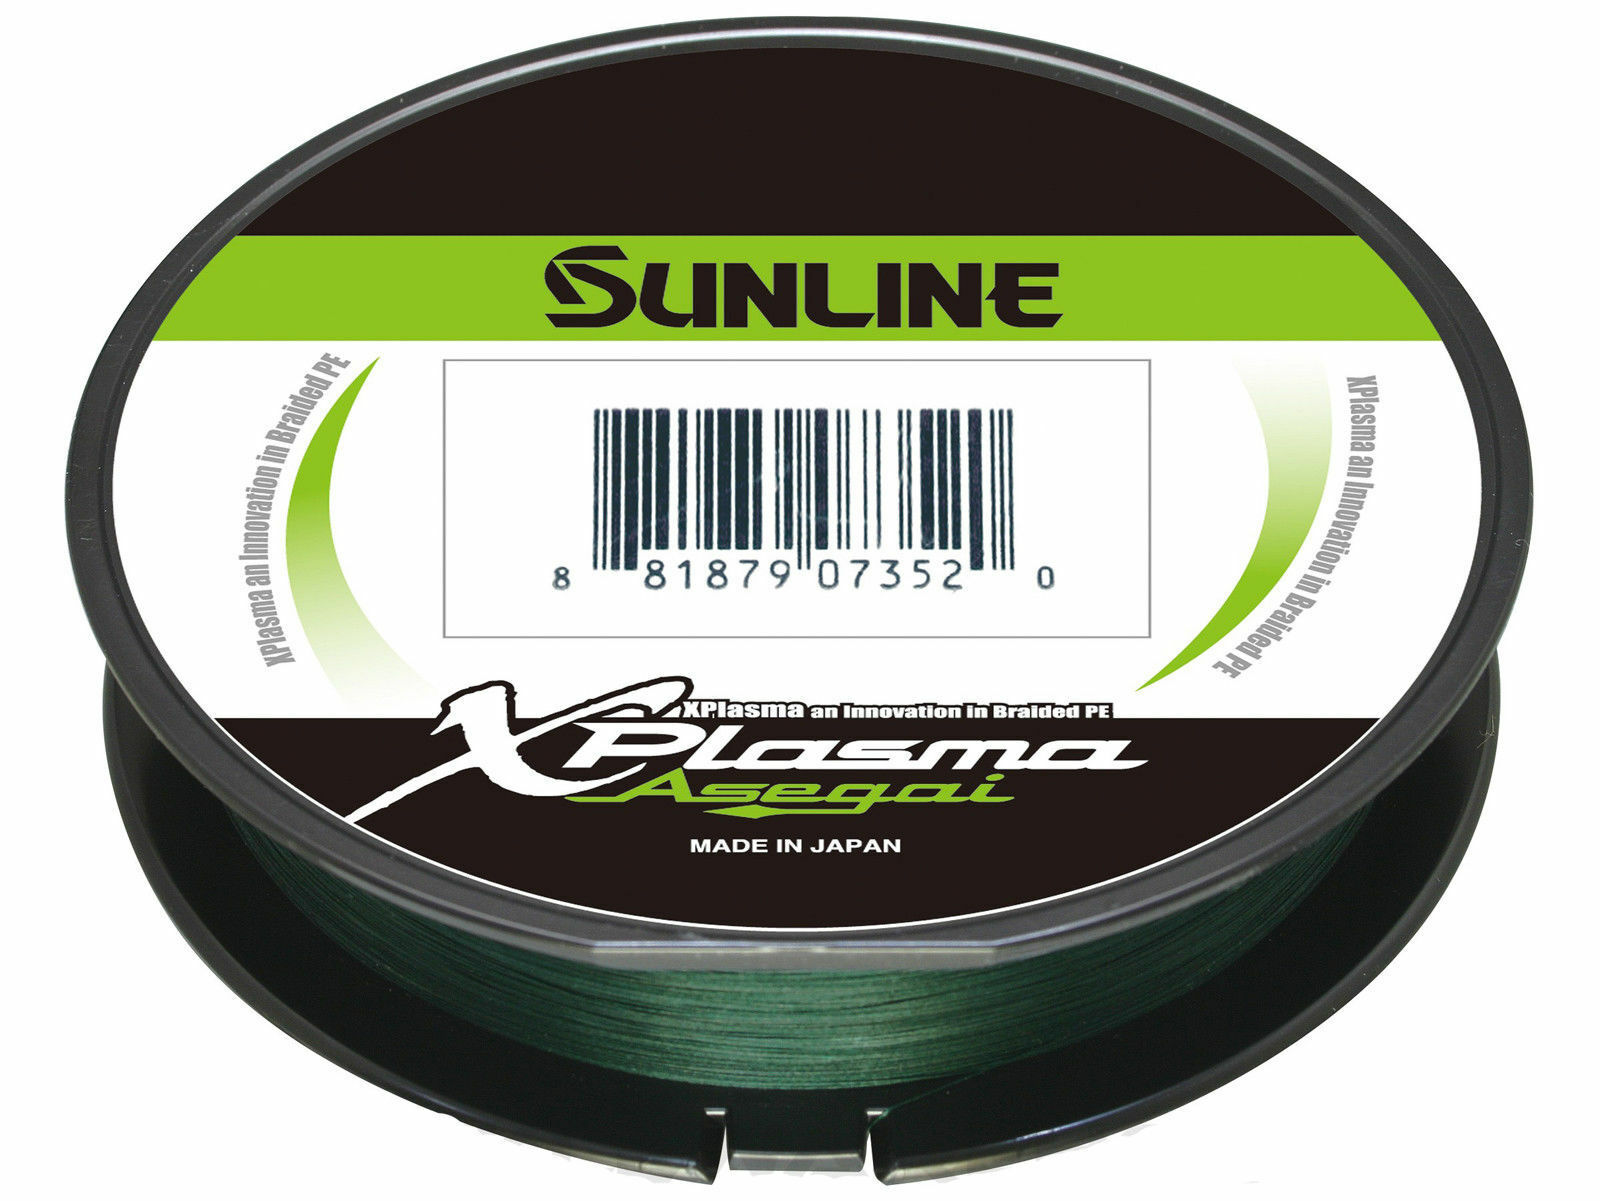 NEW NEW NEW Sunline Xplasma Asegai 8lb Light verde 600yd 63043220 d72b79